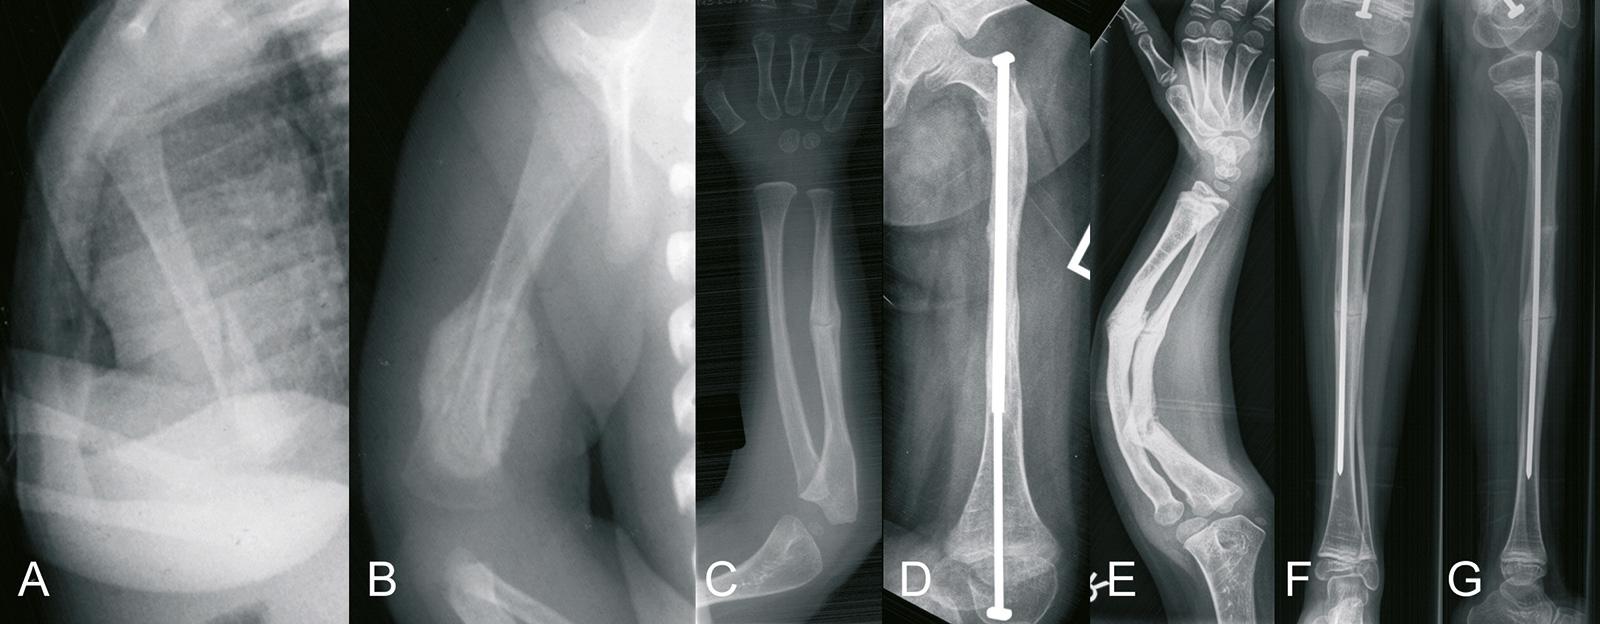 Abb. 4-72: Beispiel eines Krankheitsverlaufes: Humerusfraktur im Alter von 2 Wochen (A) und Ausheilung der Fraktur mit 2 Monaten (B), Ulnafraktur im Alter von 4 Jahren (C), Stabilisierung einer Femurfraktur mit einem Bailey-Nagel im Alter von 6 Jahren (D)